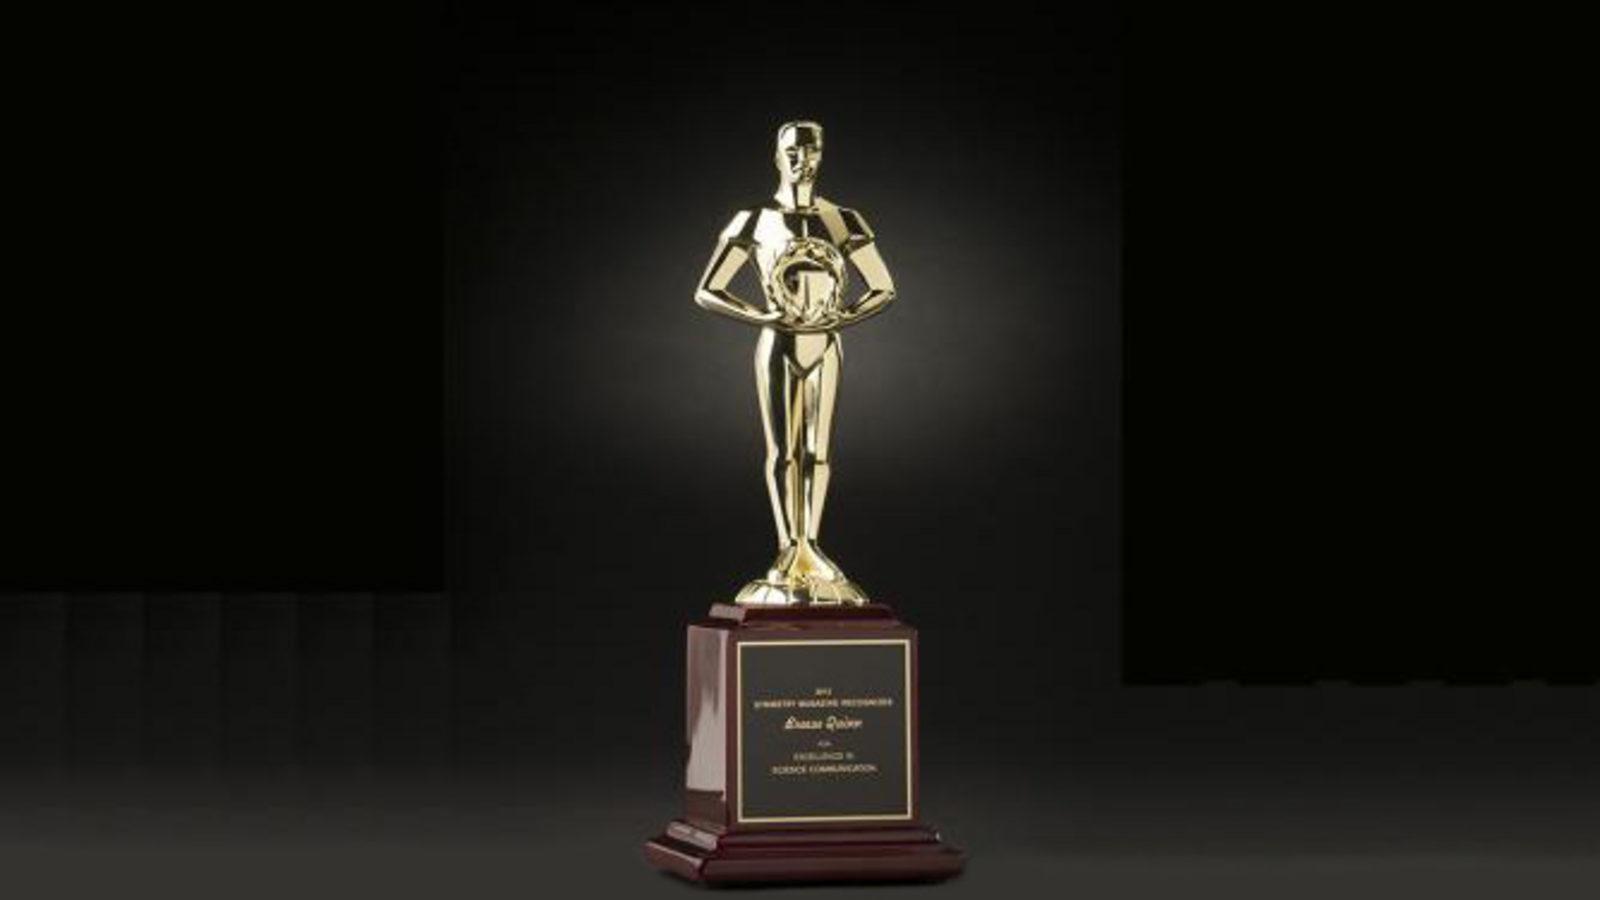 Photo of Symmy 2013 award